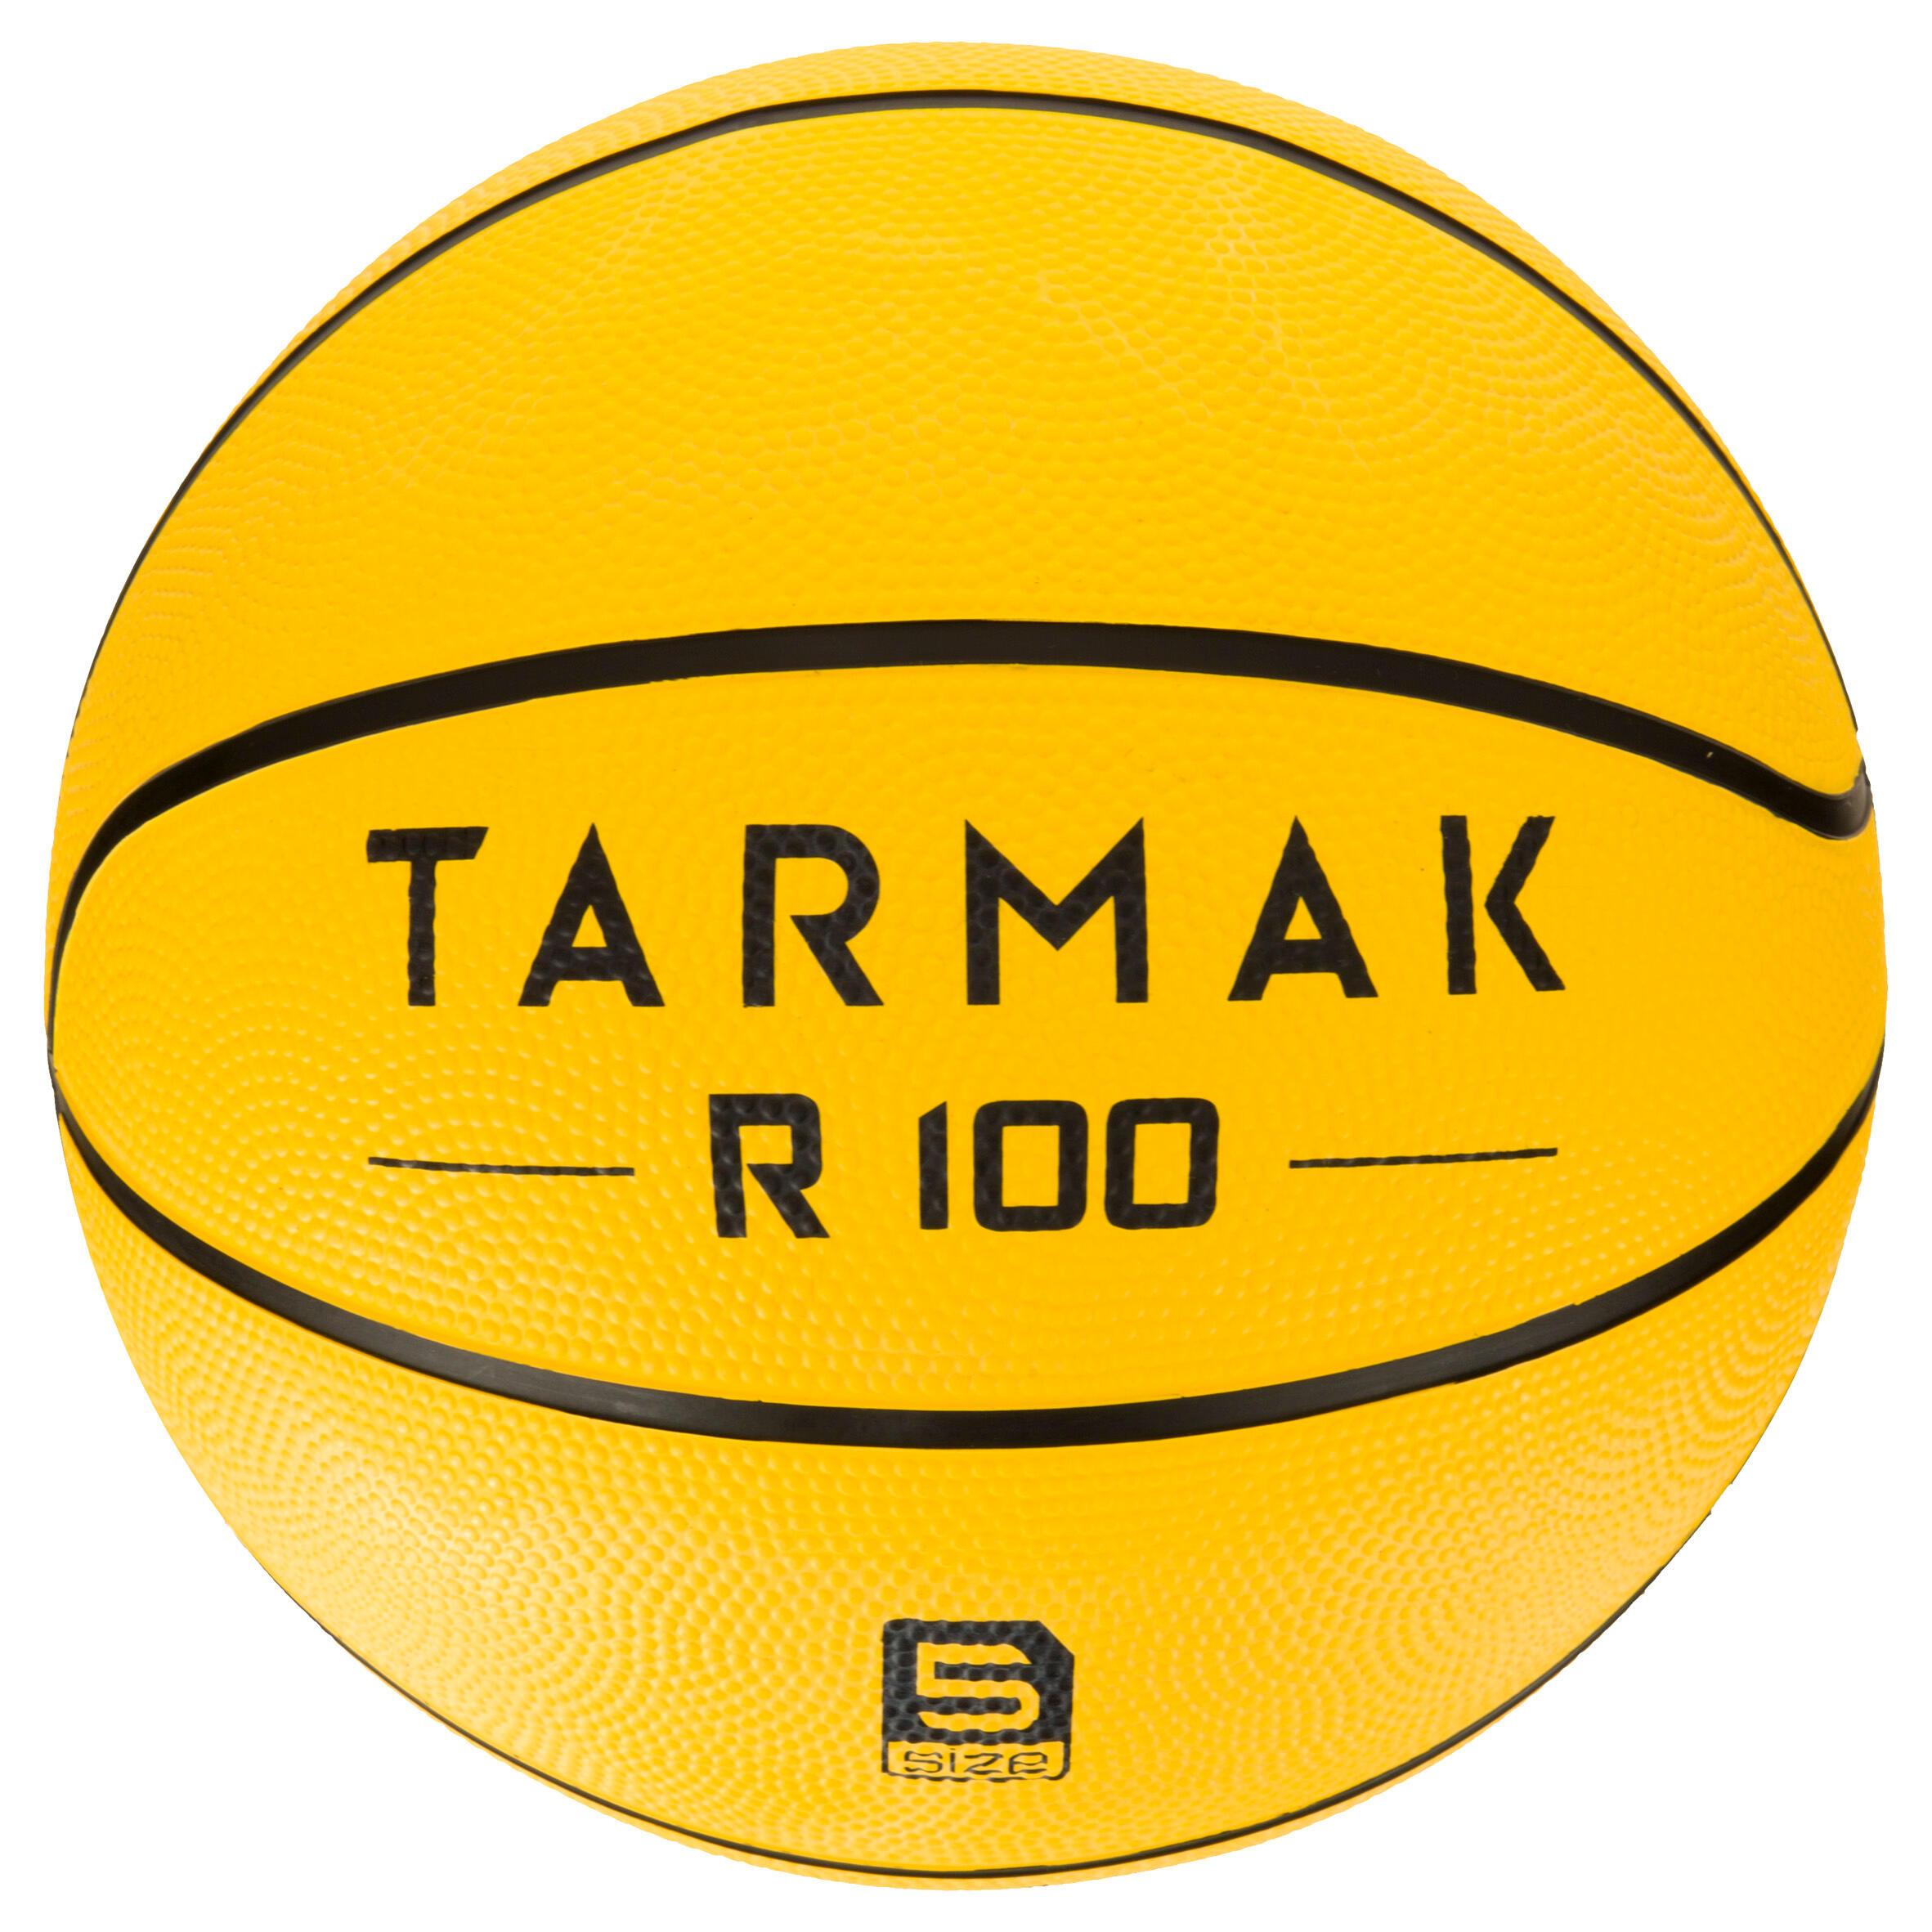 Tarmak Basketbal R100 maat 5 voor kinderen geel. Slijtvast. Voor beginners.